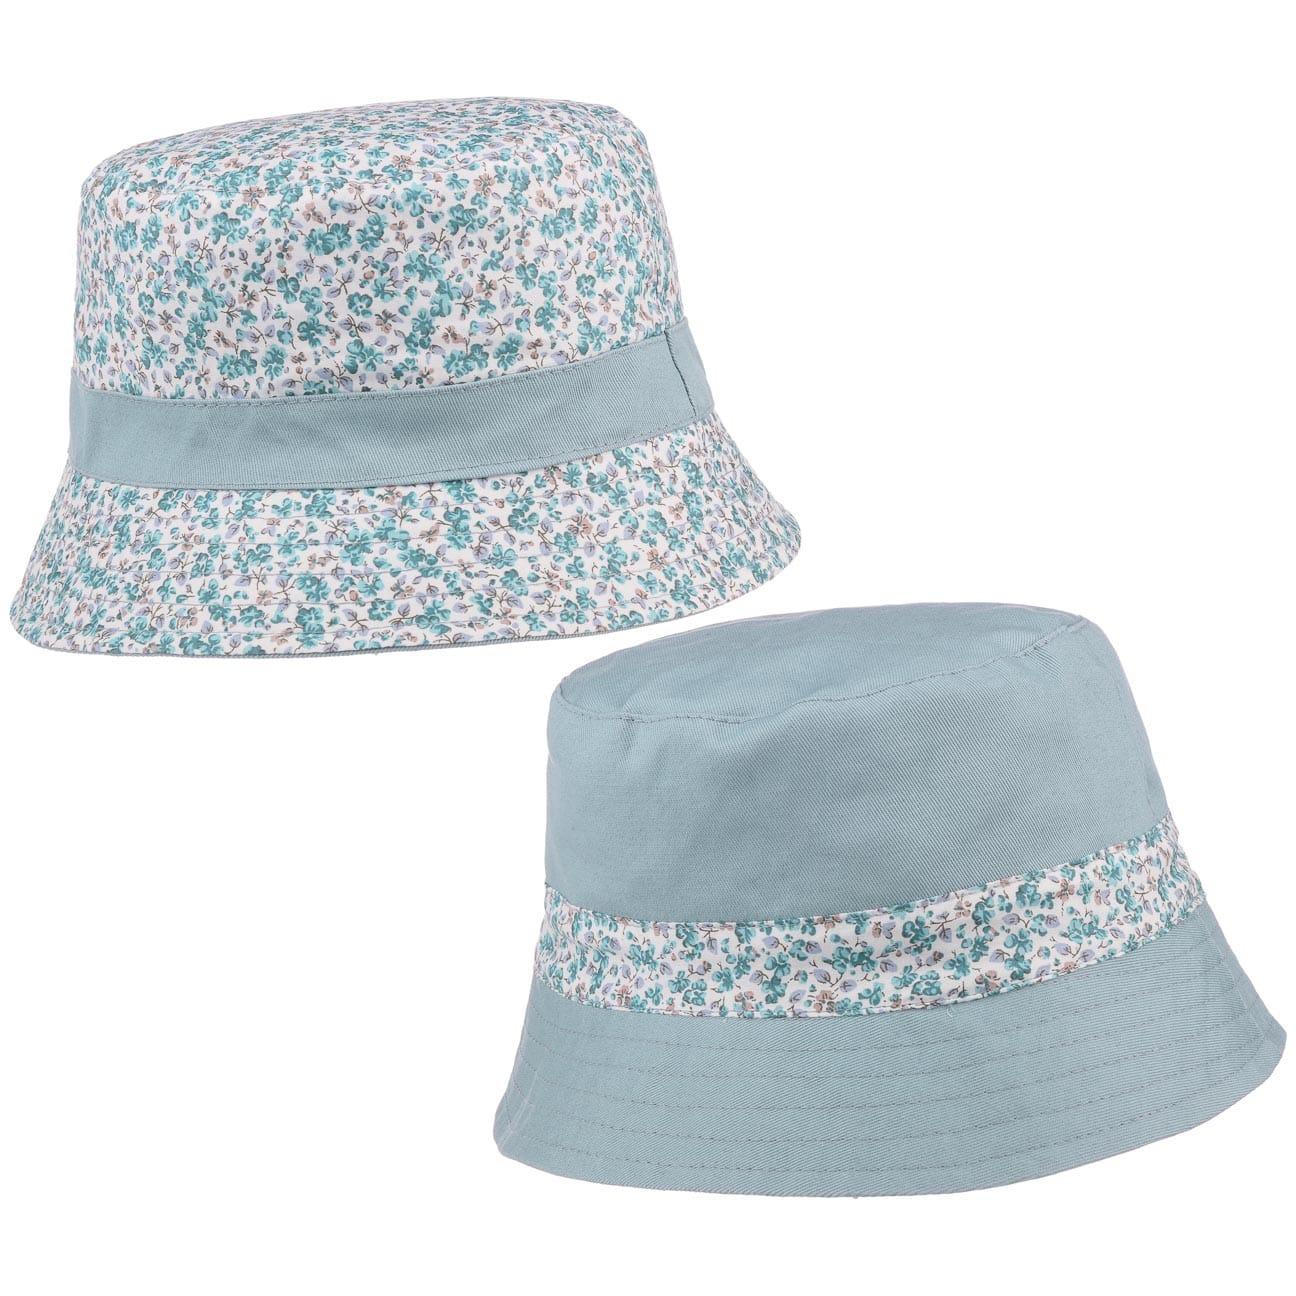 Chapeau Réversible Flowers by McBURN  chapeau en coton